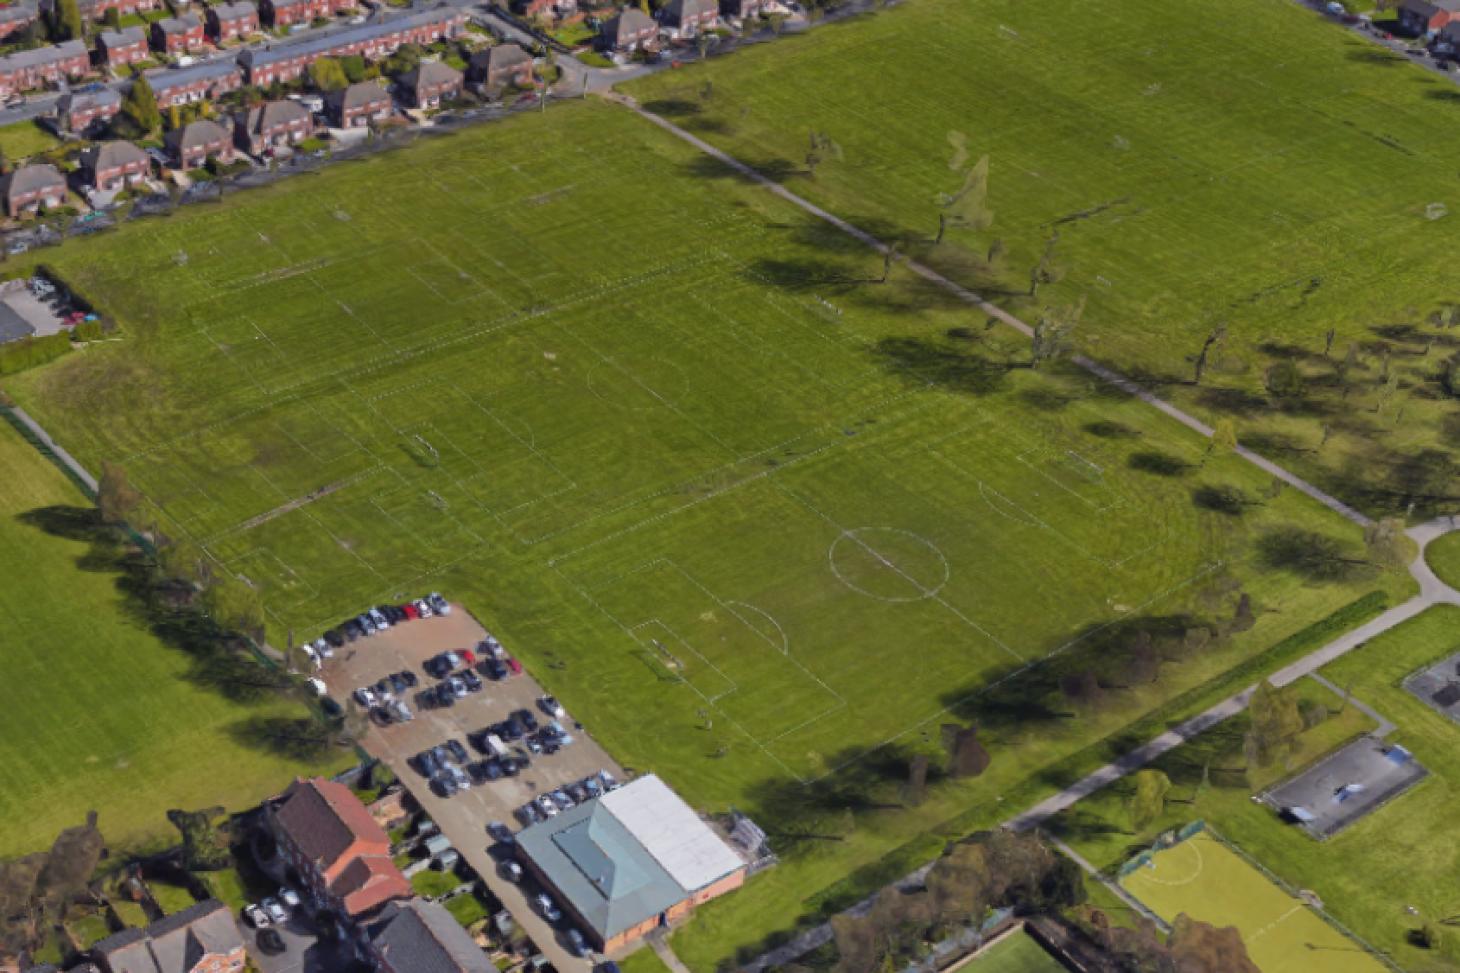 Beech Farm Playing Fields 11 a side | Grass football pitch